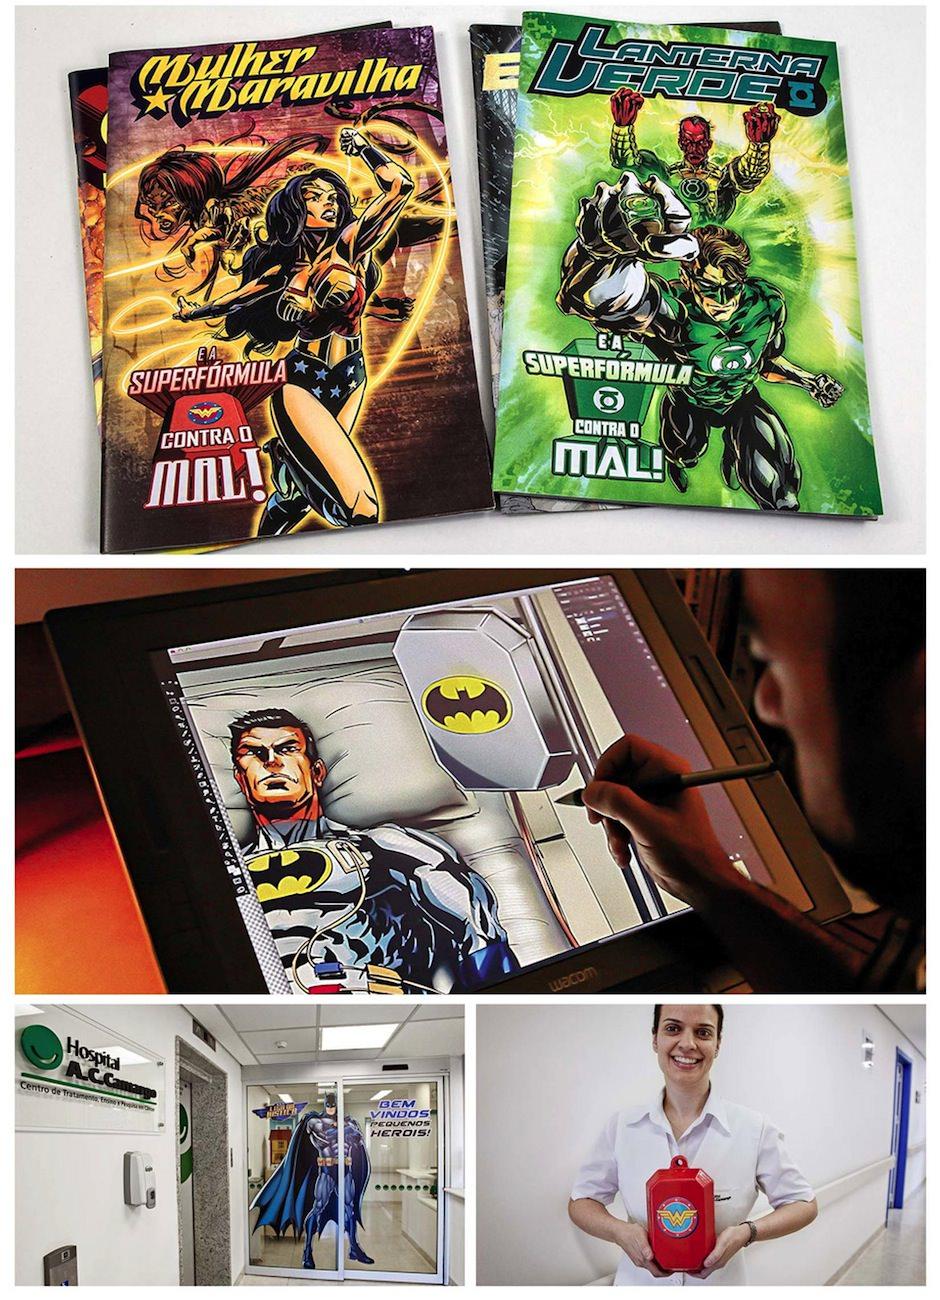 Super-heróis contra o câncer Infantil - ac camargo